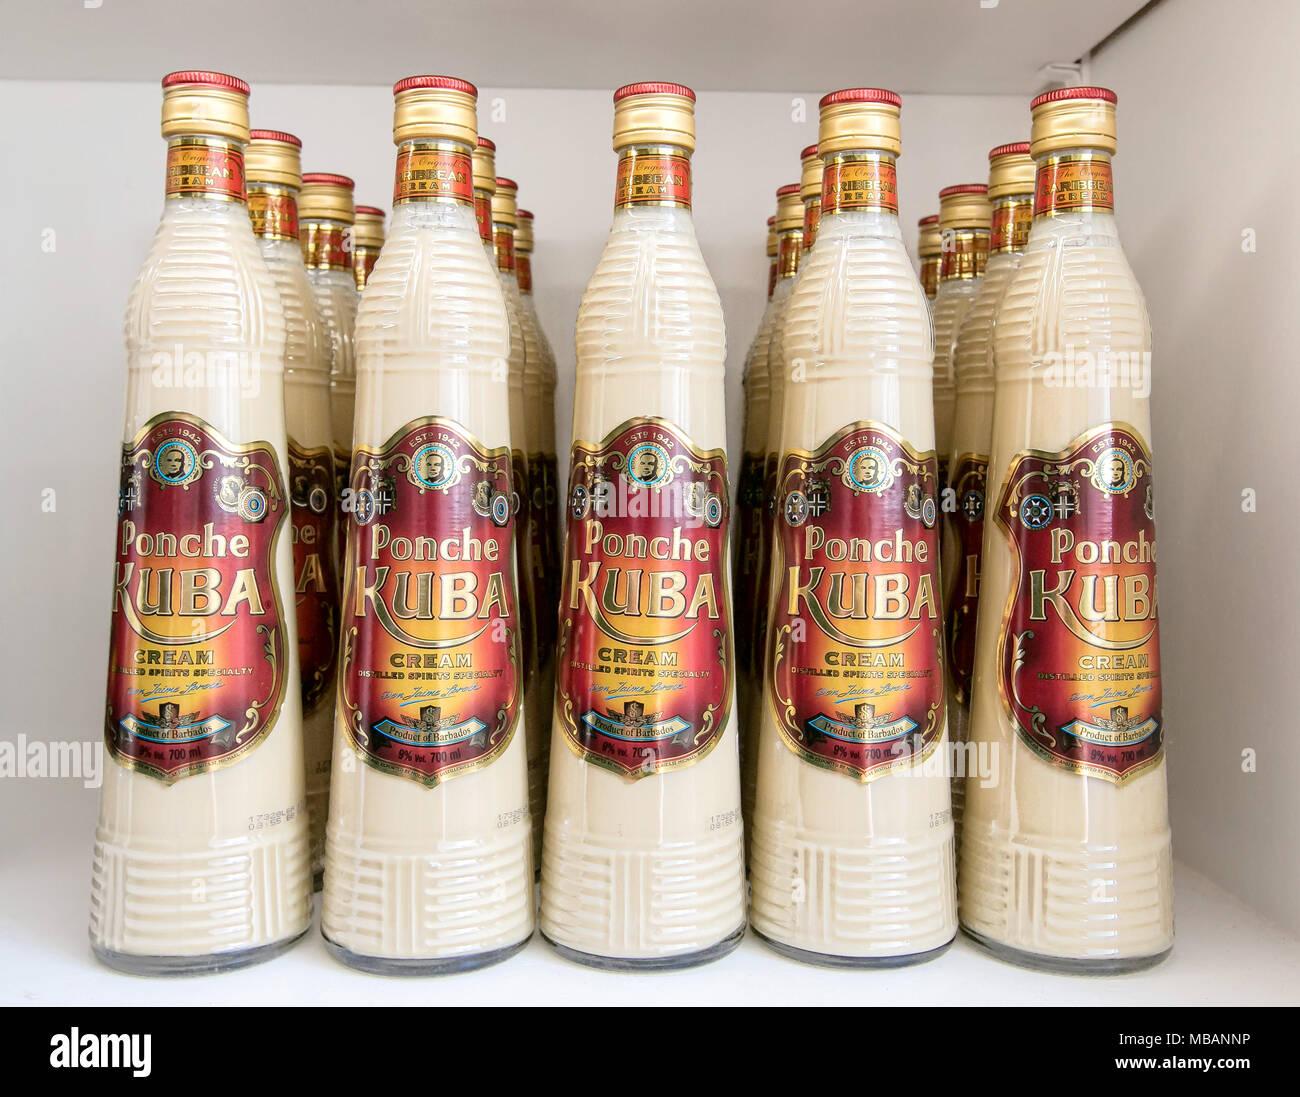 Barbados, 23. März 2018: Flaschen Ponche Kuba zum Verkauf am Mount Gay Rum Distillery. Stockbild